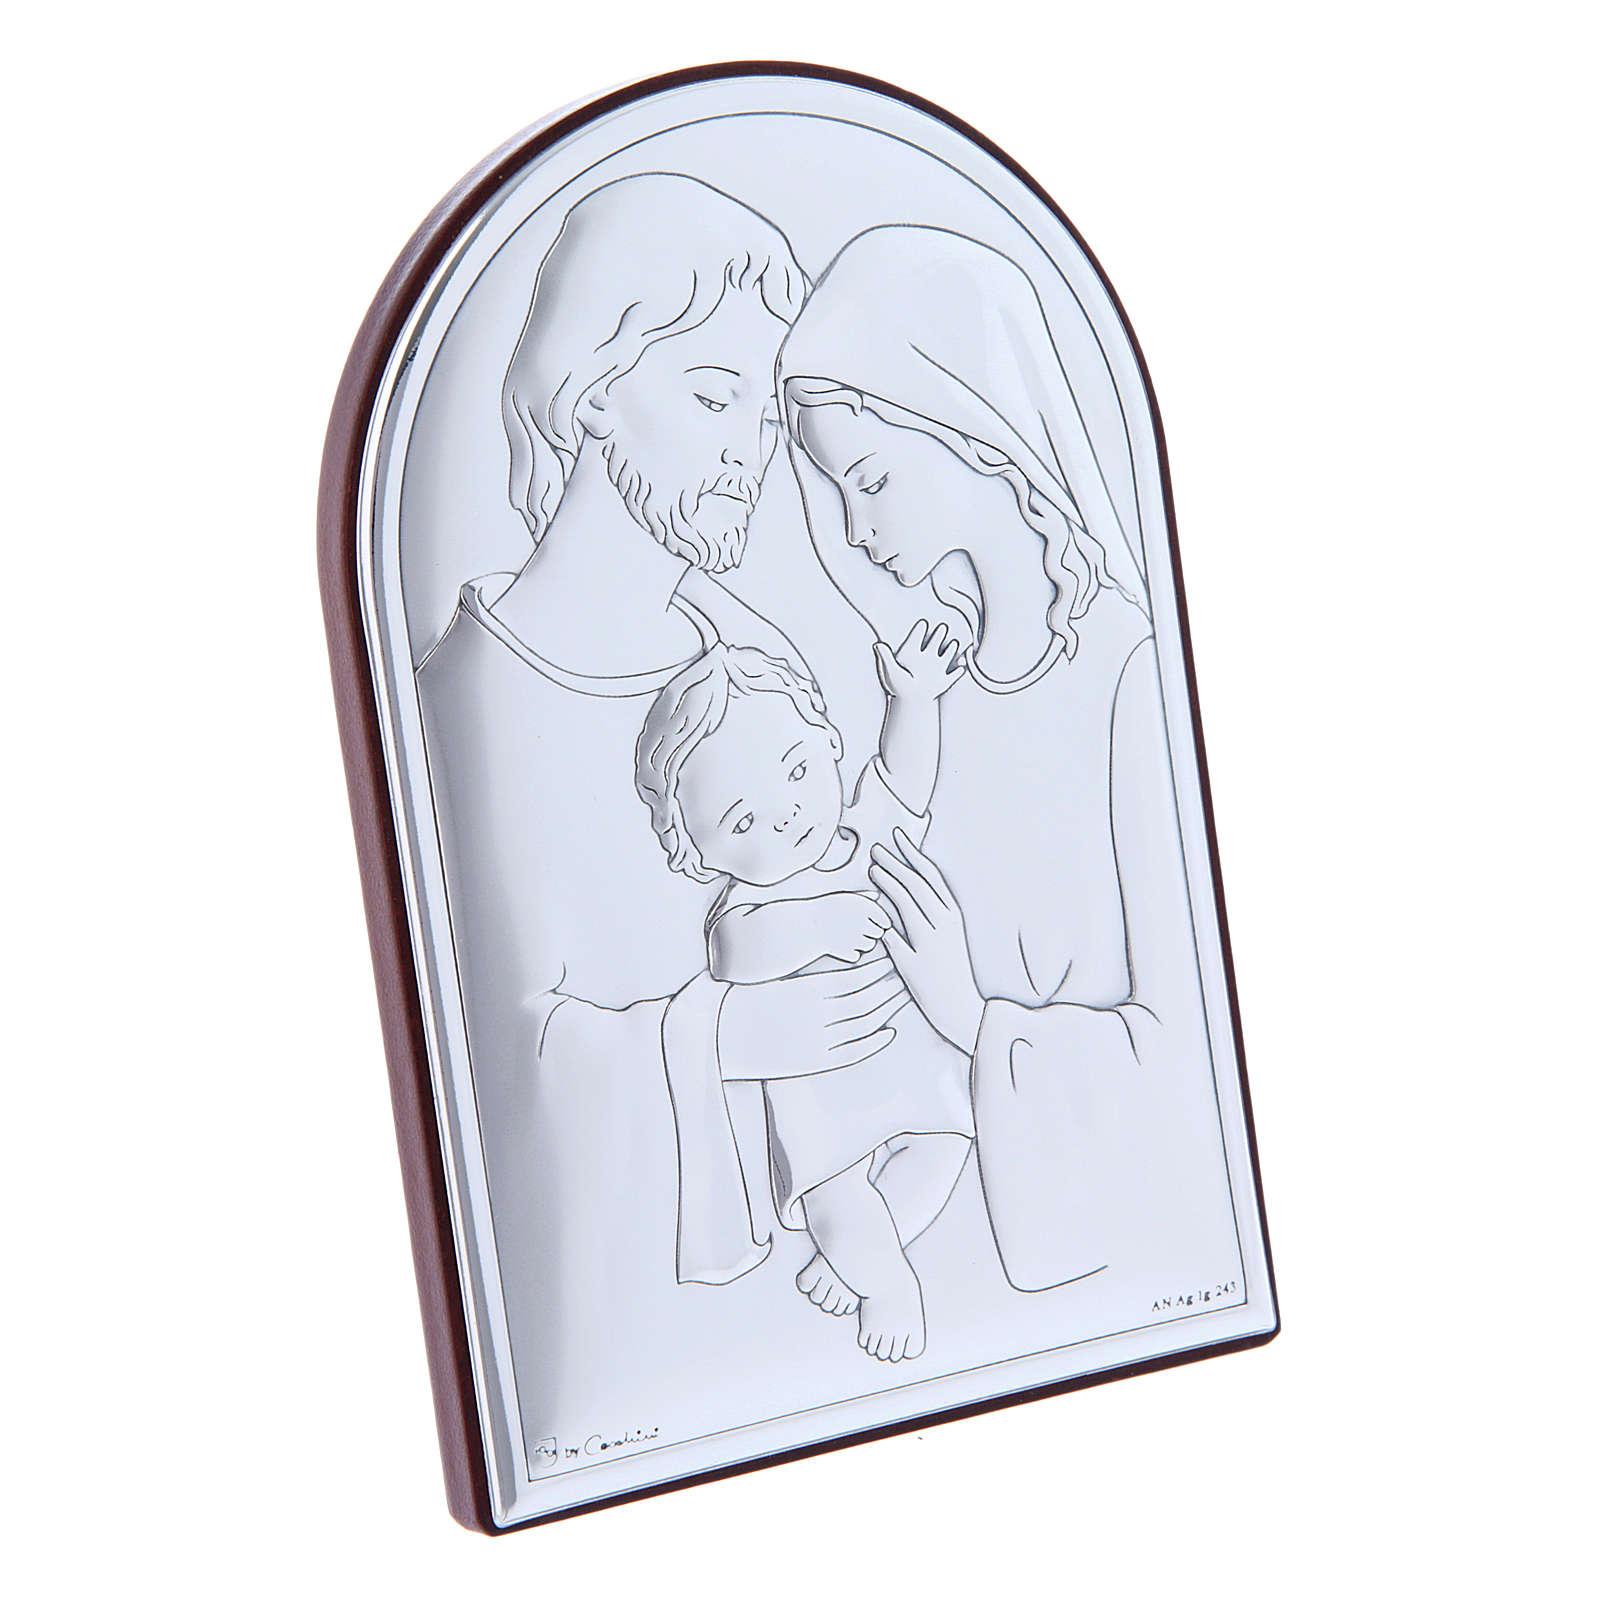 Quadro em bilaminado com reverso em madeira maciça Sagrada Família 12x8 cm 4